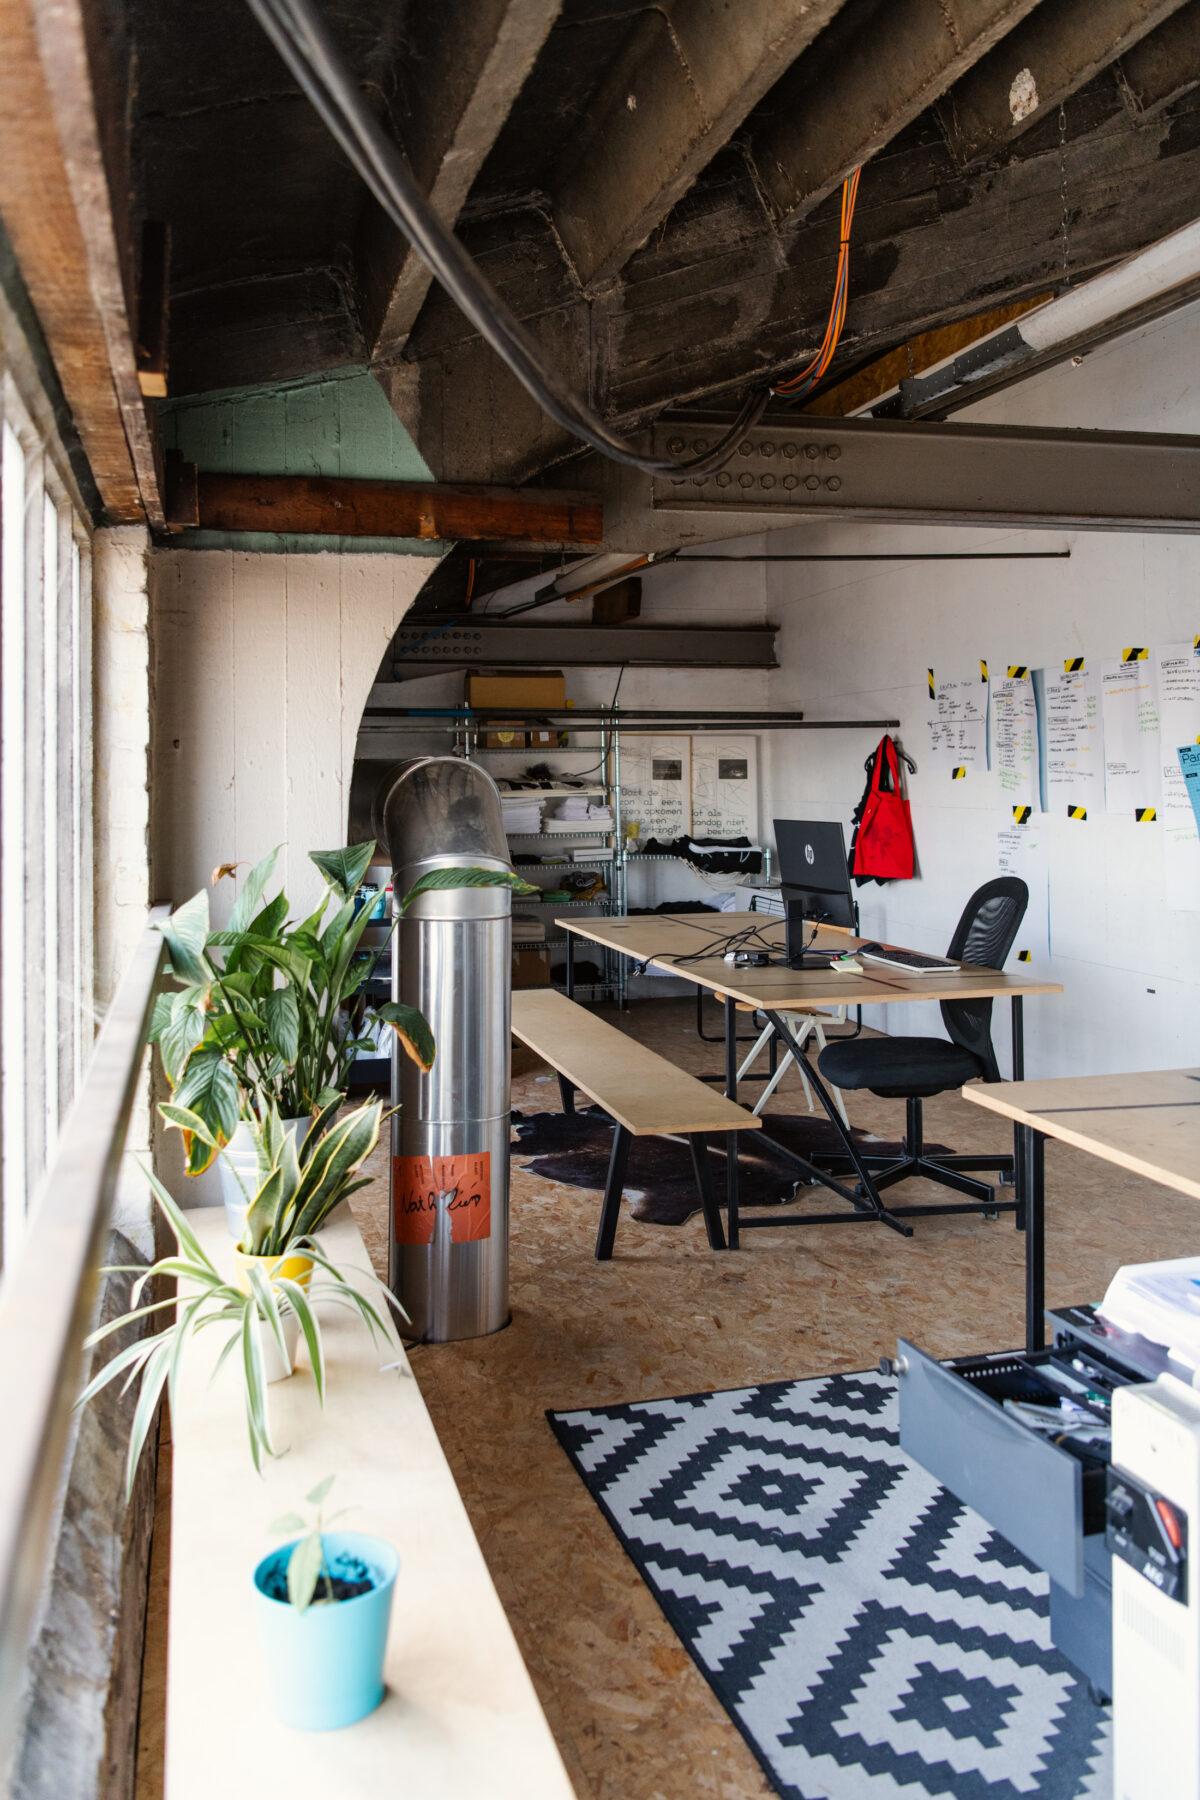 Stelplaats November 2020 Fotograaf Birgit Sterckx 3799